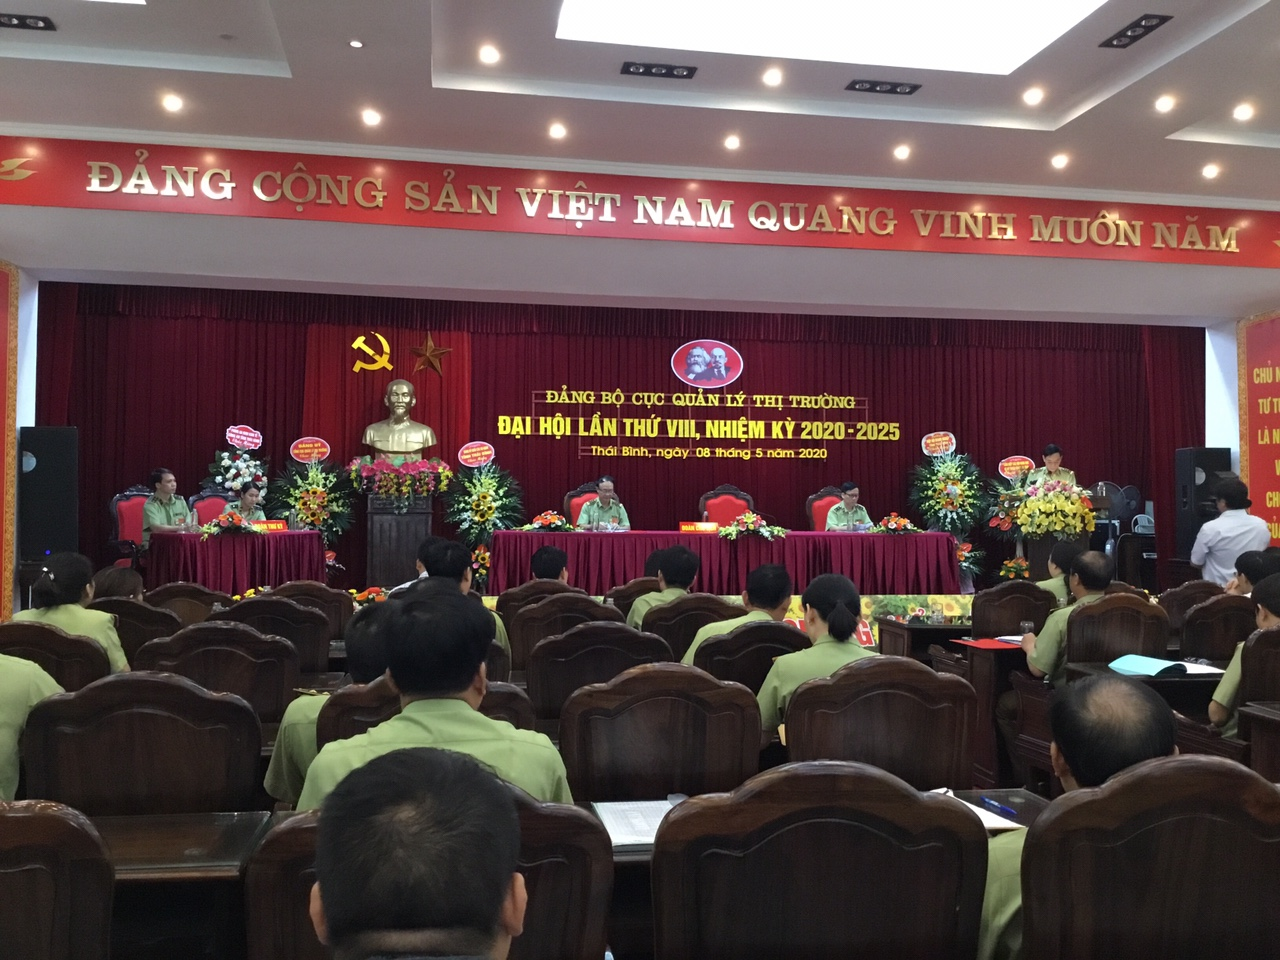 Đảng bộ Cục QLTT Thái Bình tổ chức thành công Đại hội lần thứ VIII, nhiệm kỳ 2020-2025